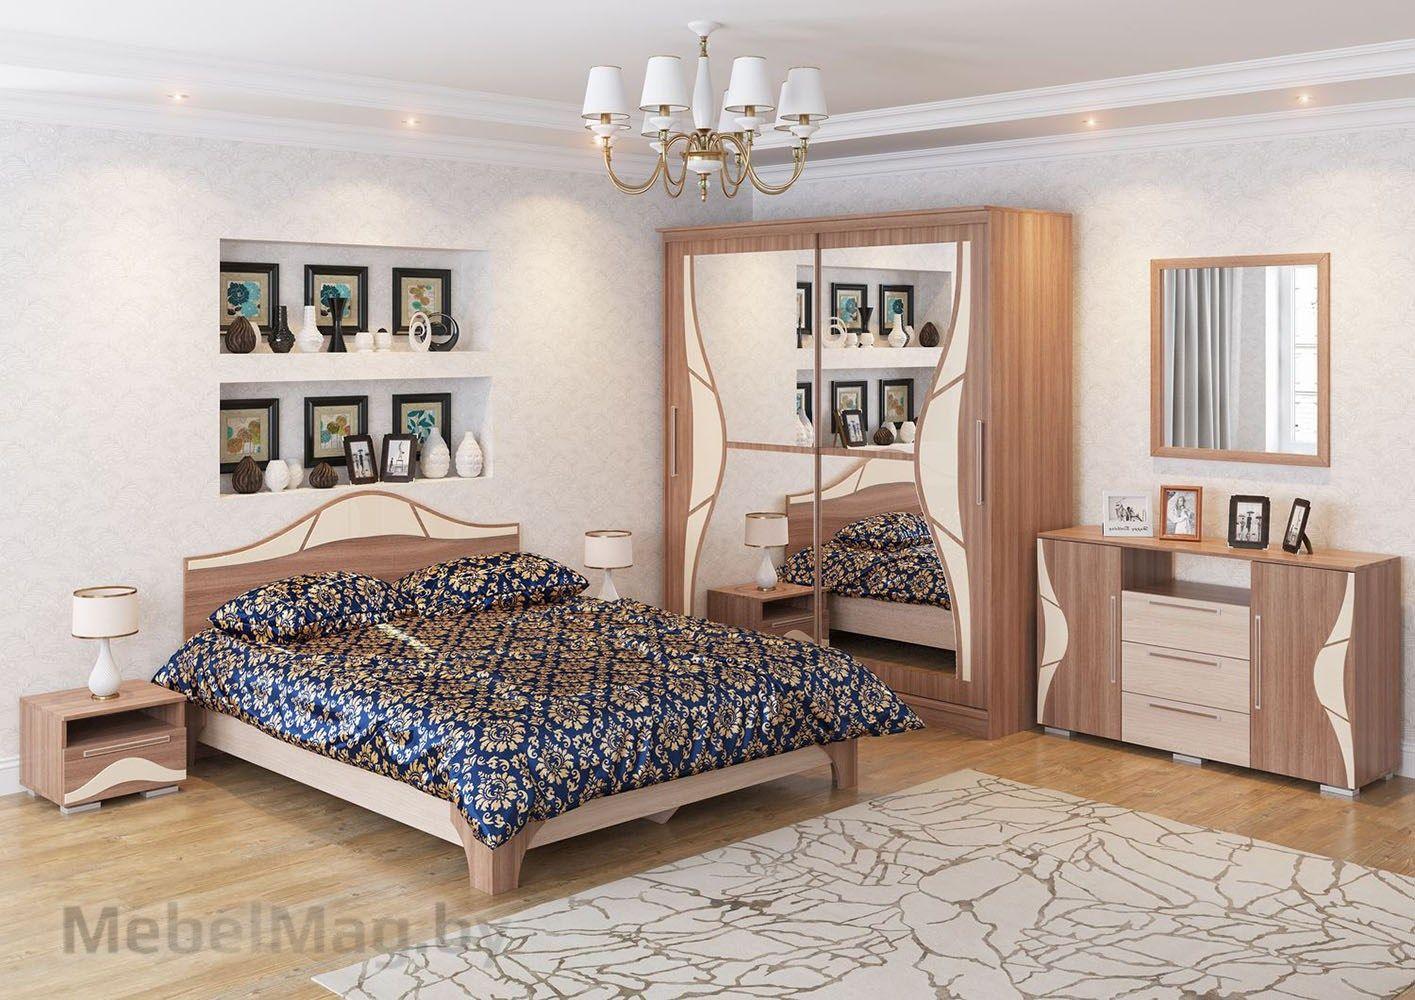 Спальня Лагуна 5 - Шимо